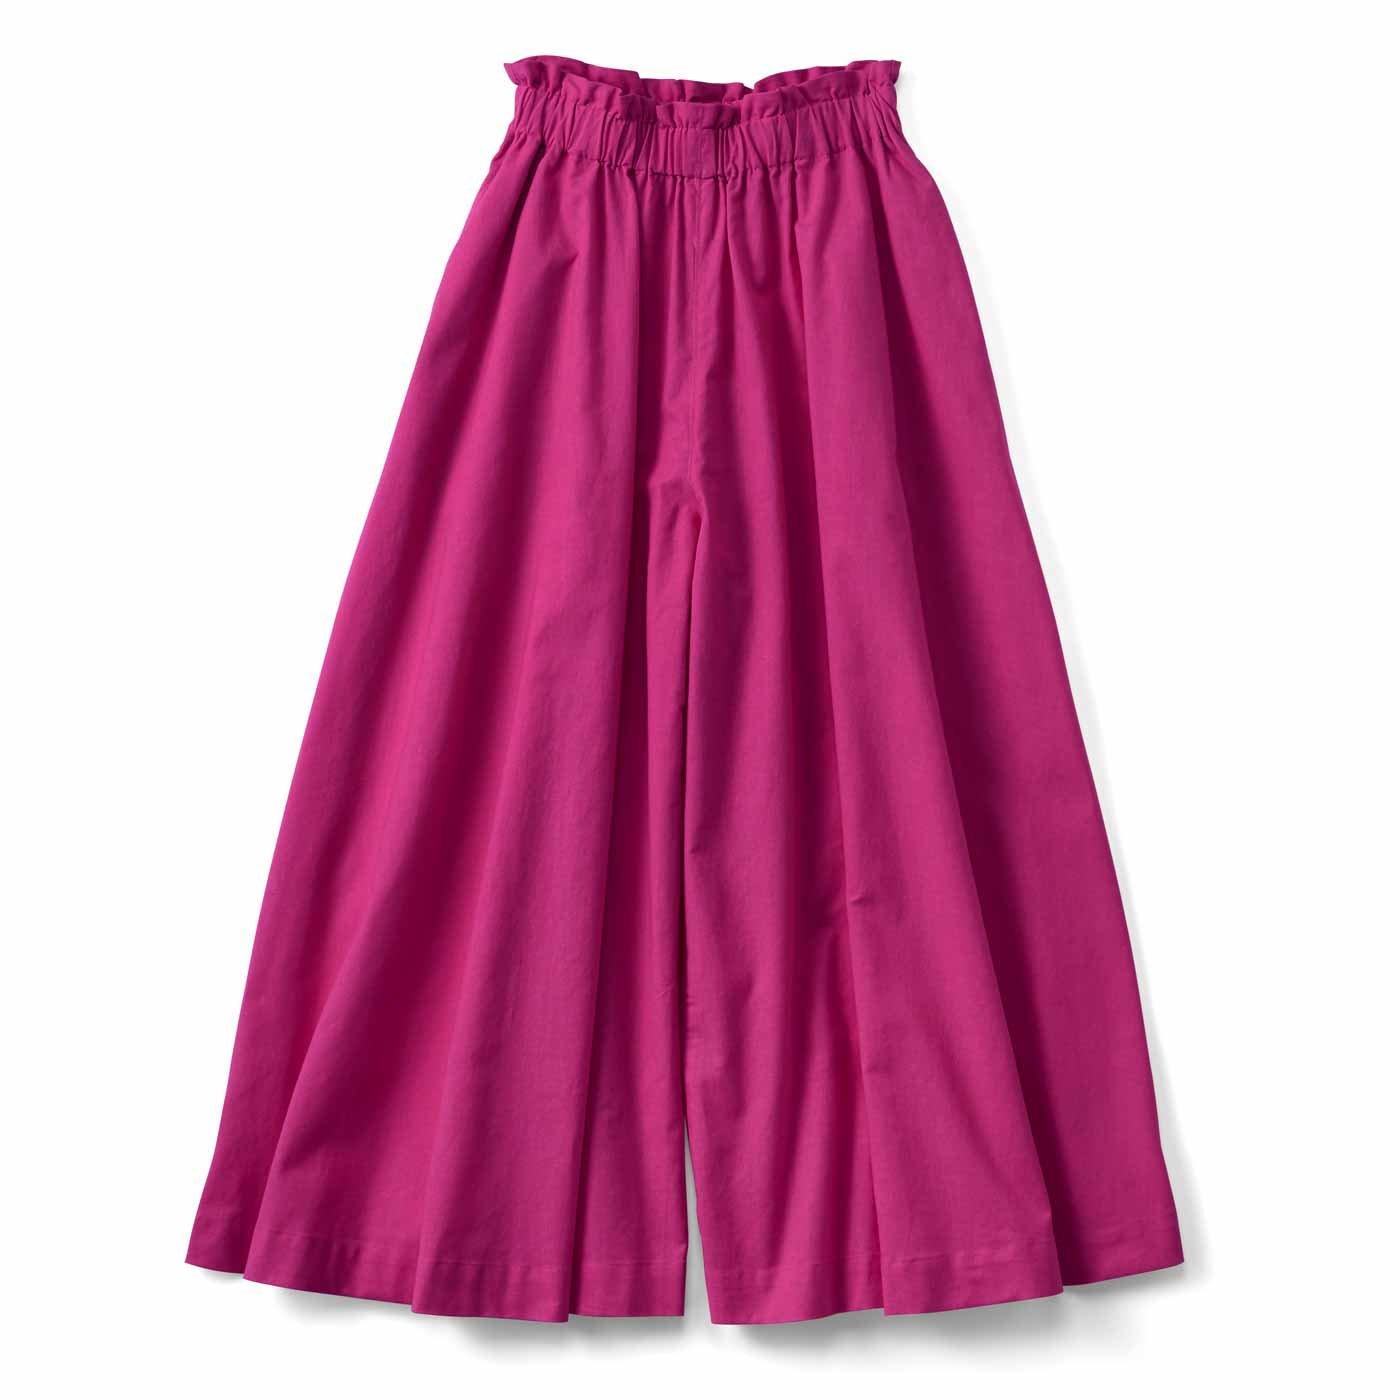 スカートみたいな コットンリネンのボリュームガウチョパンツ〈ピンク〉